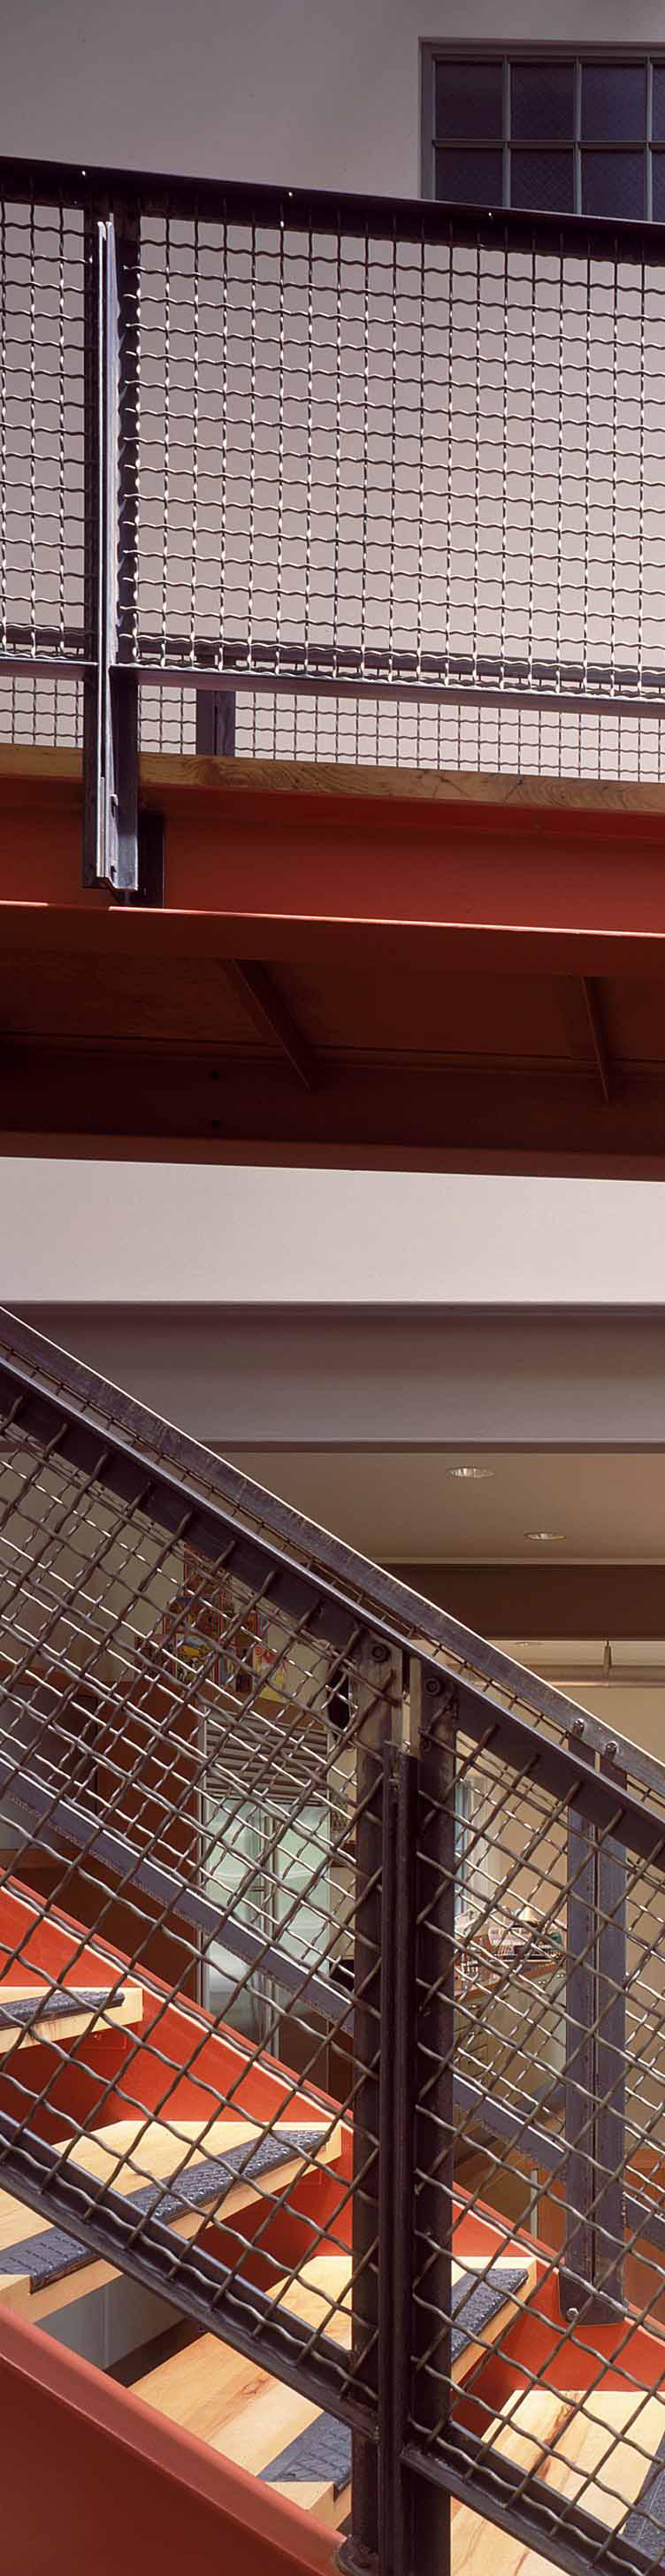 seth front hall det.2.jpg